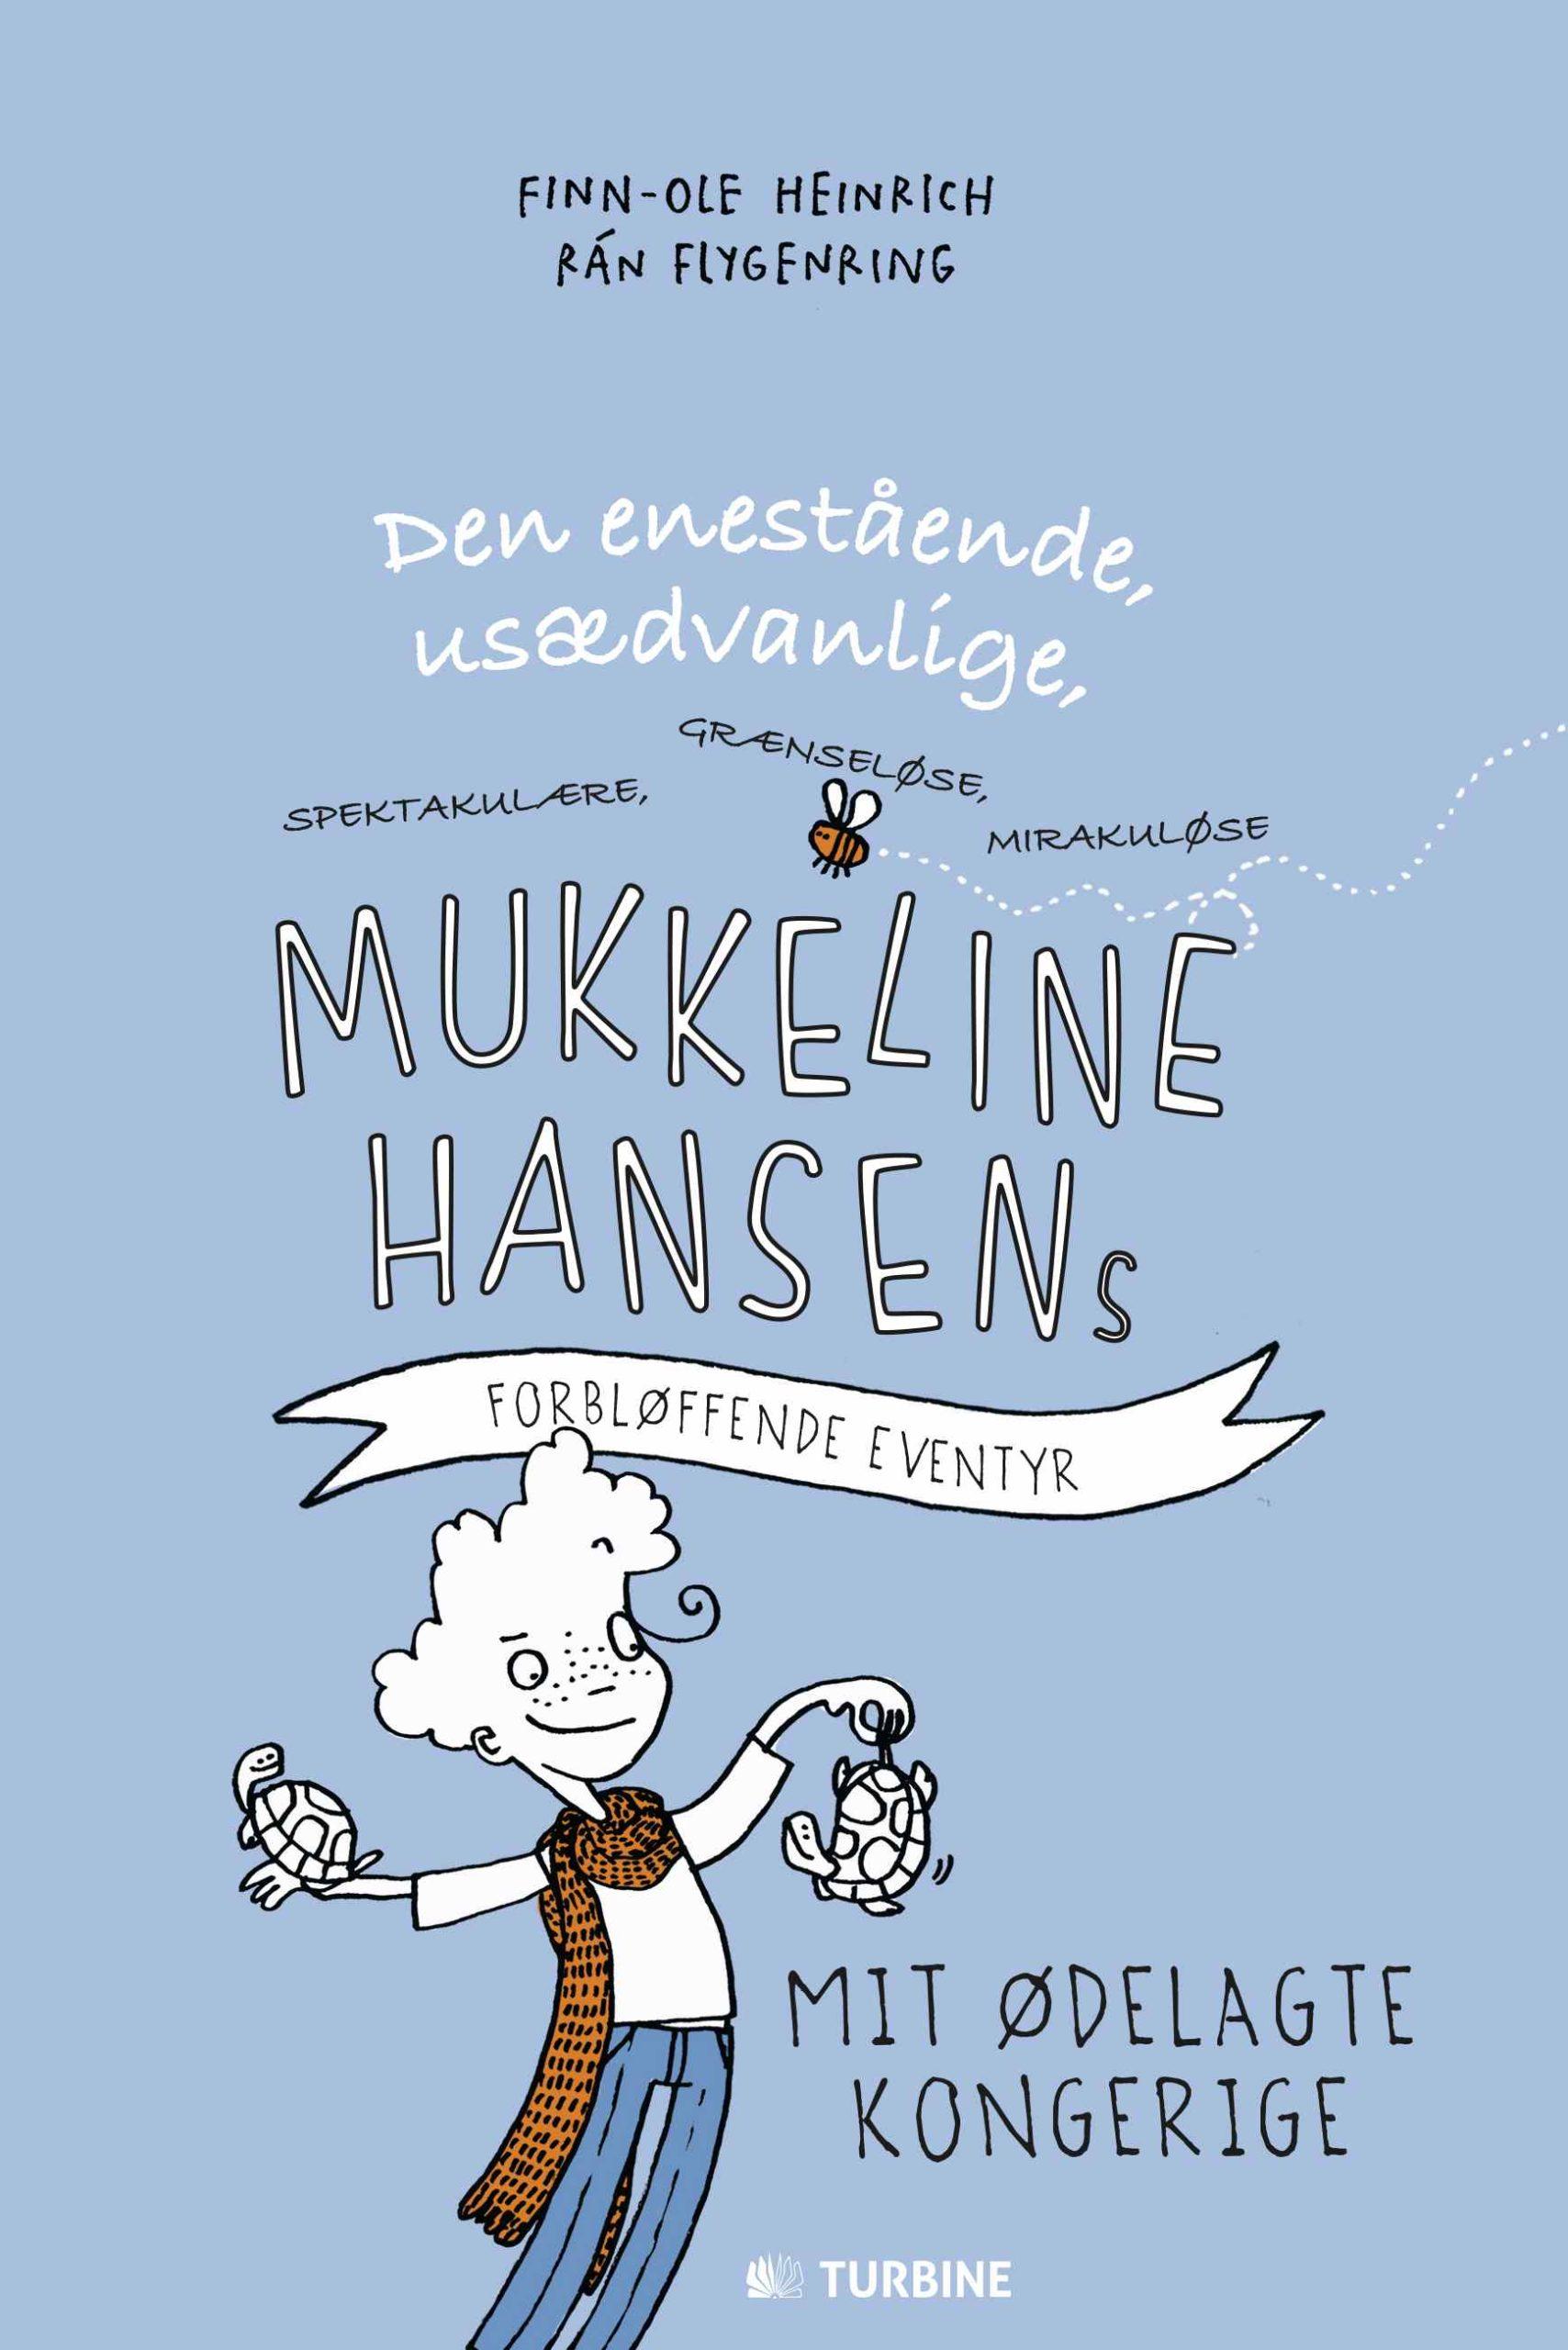 Mukkeline Hansens forbløffende eventyr